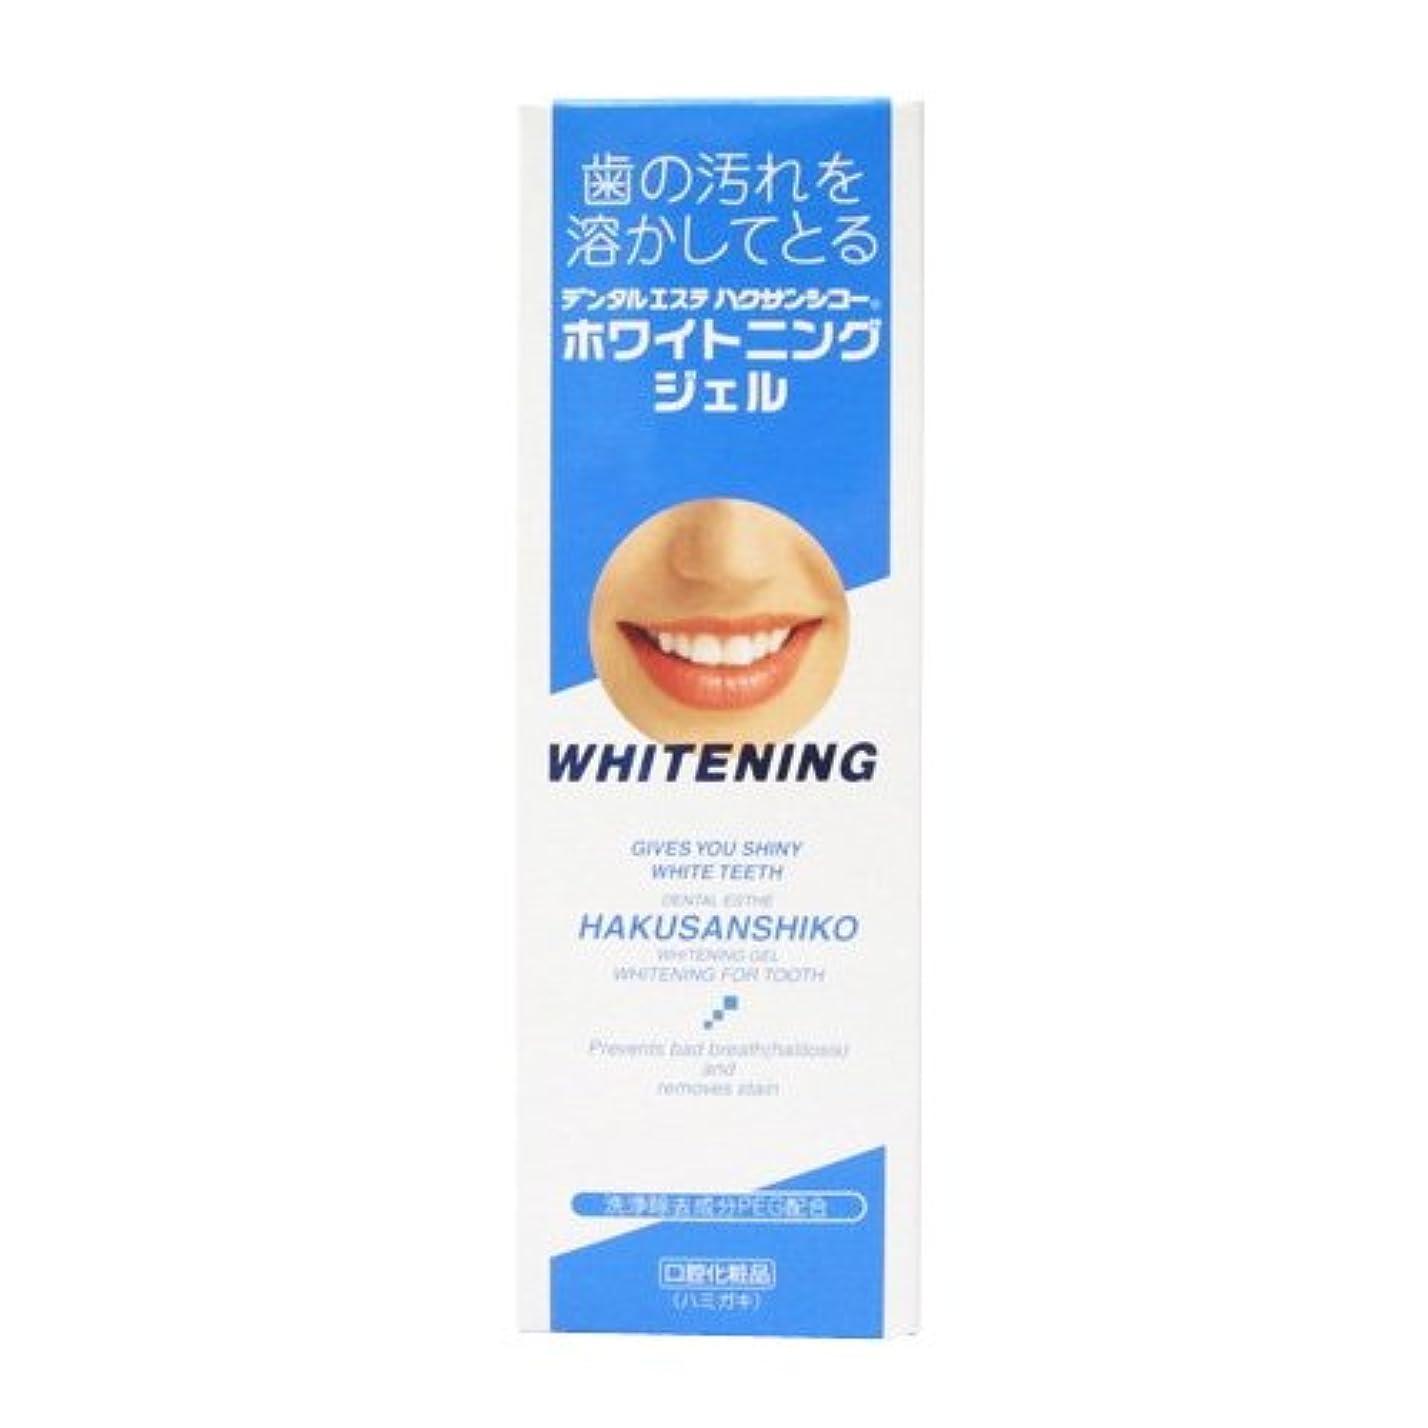 対応するハーフ作り中薬 ハクサンシコー ホワイトニングジェル70g